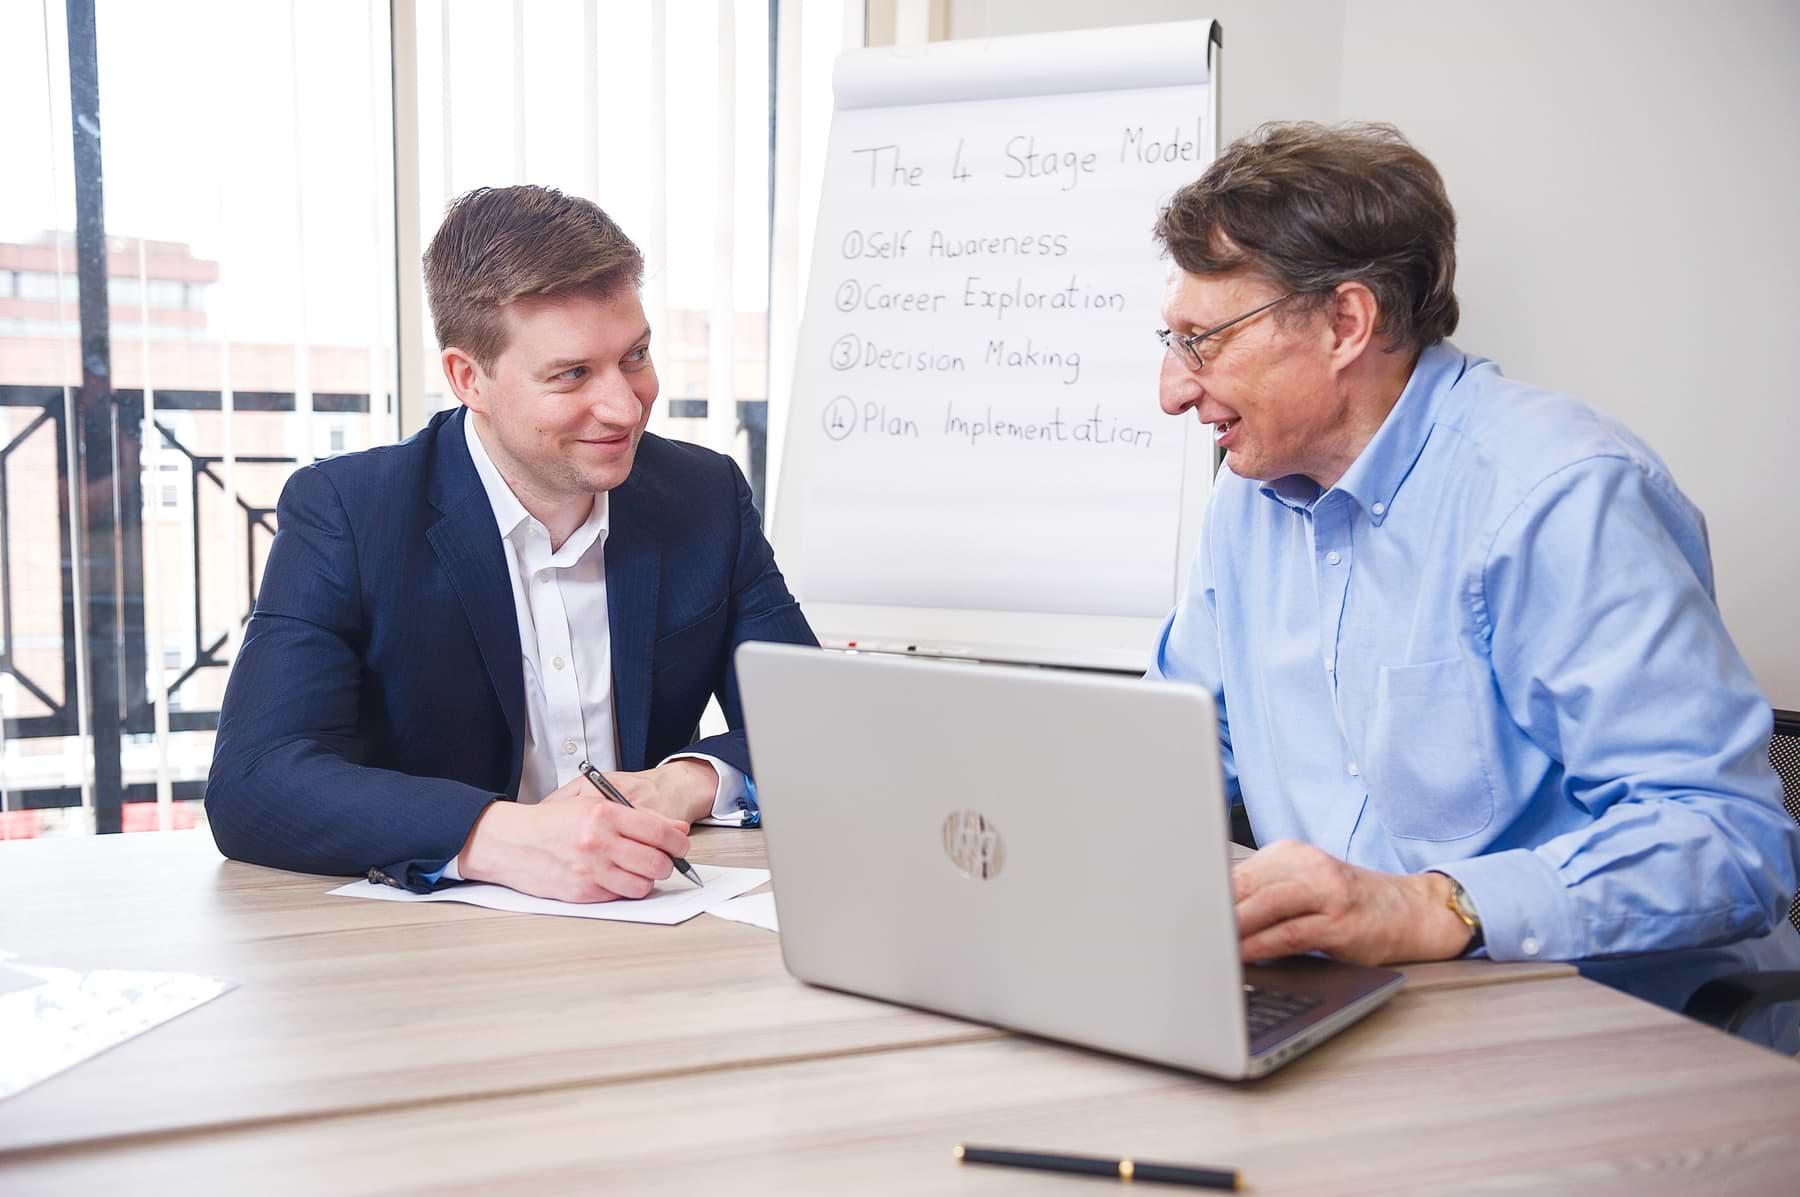 Career Planning - Alistair Stirling Careers Consultancy